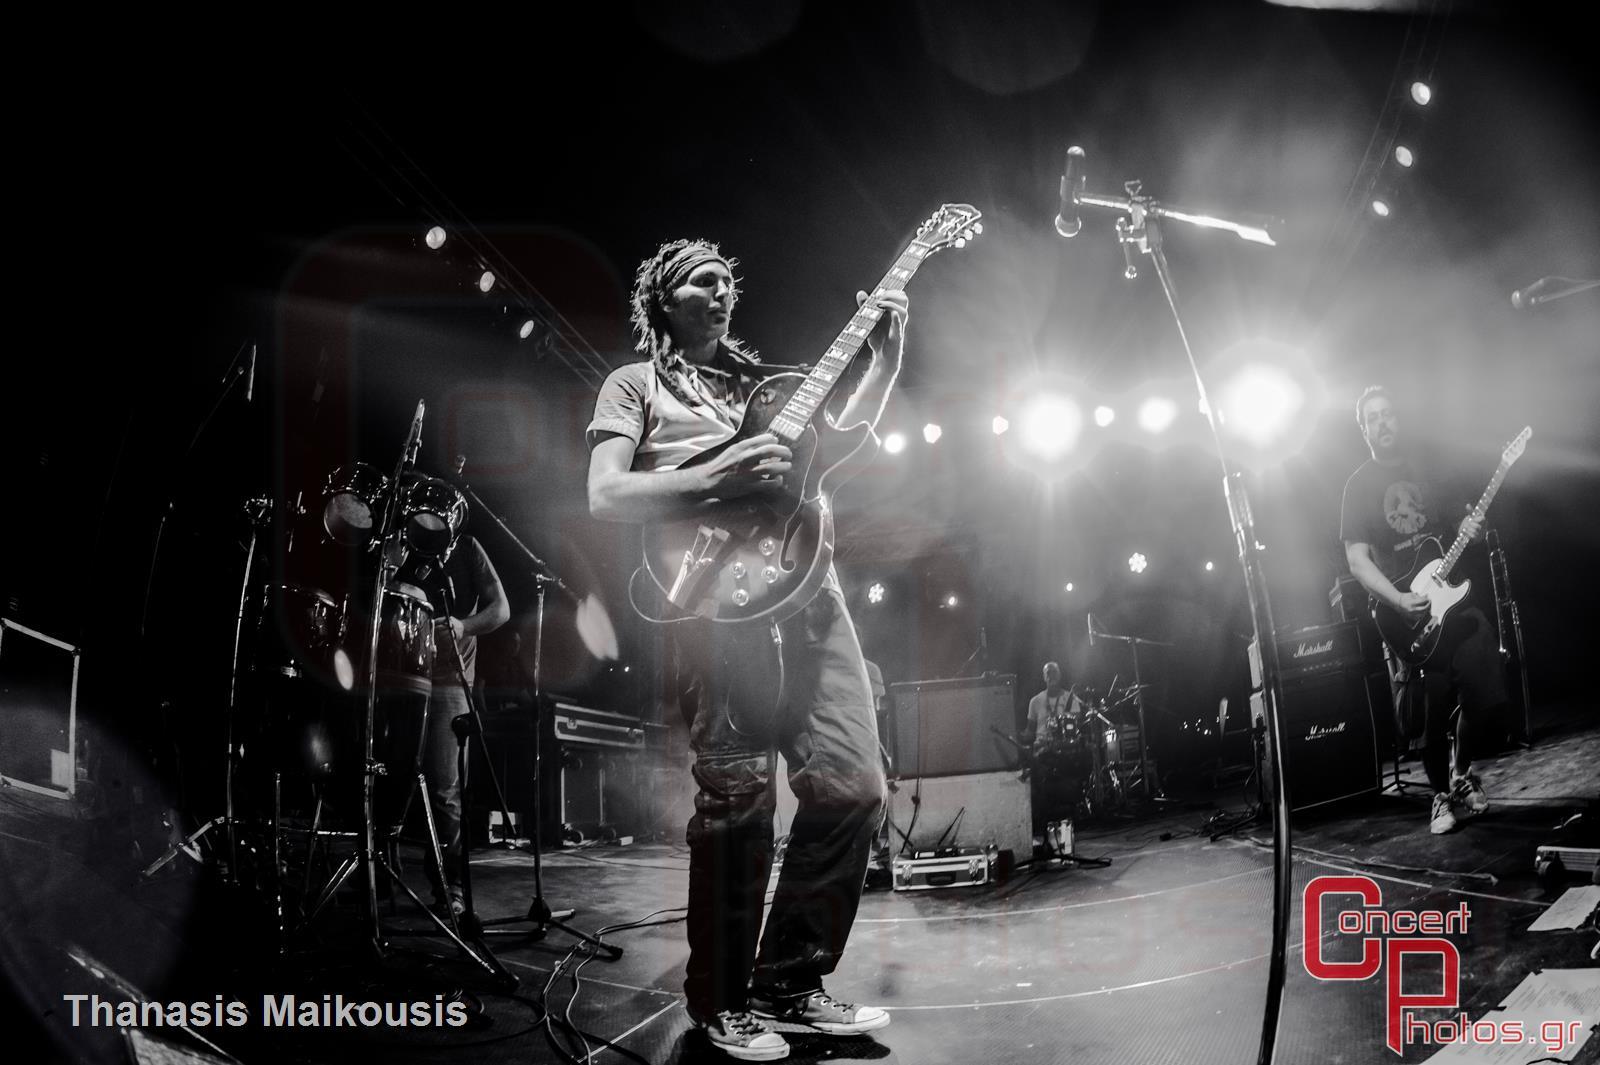 Locomondo-Locomondo 2013 Bolivar photographer: Thanasis Maikousis - concertphotos_-6485